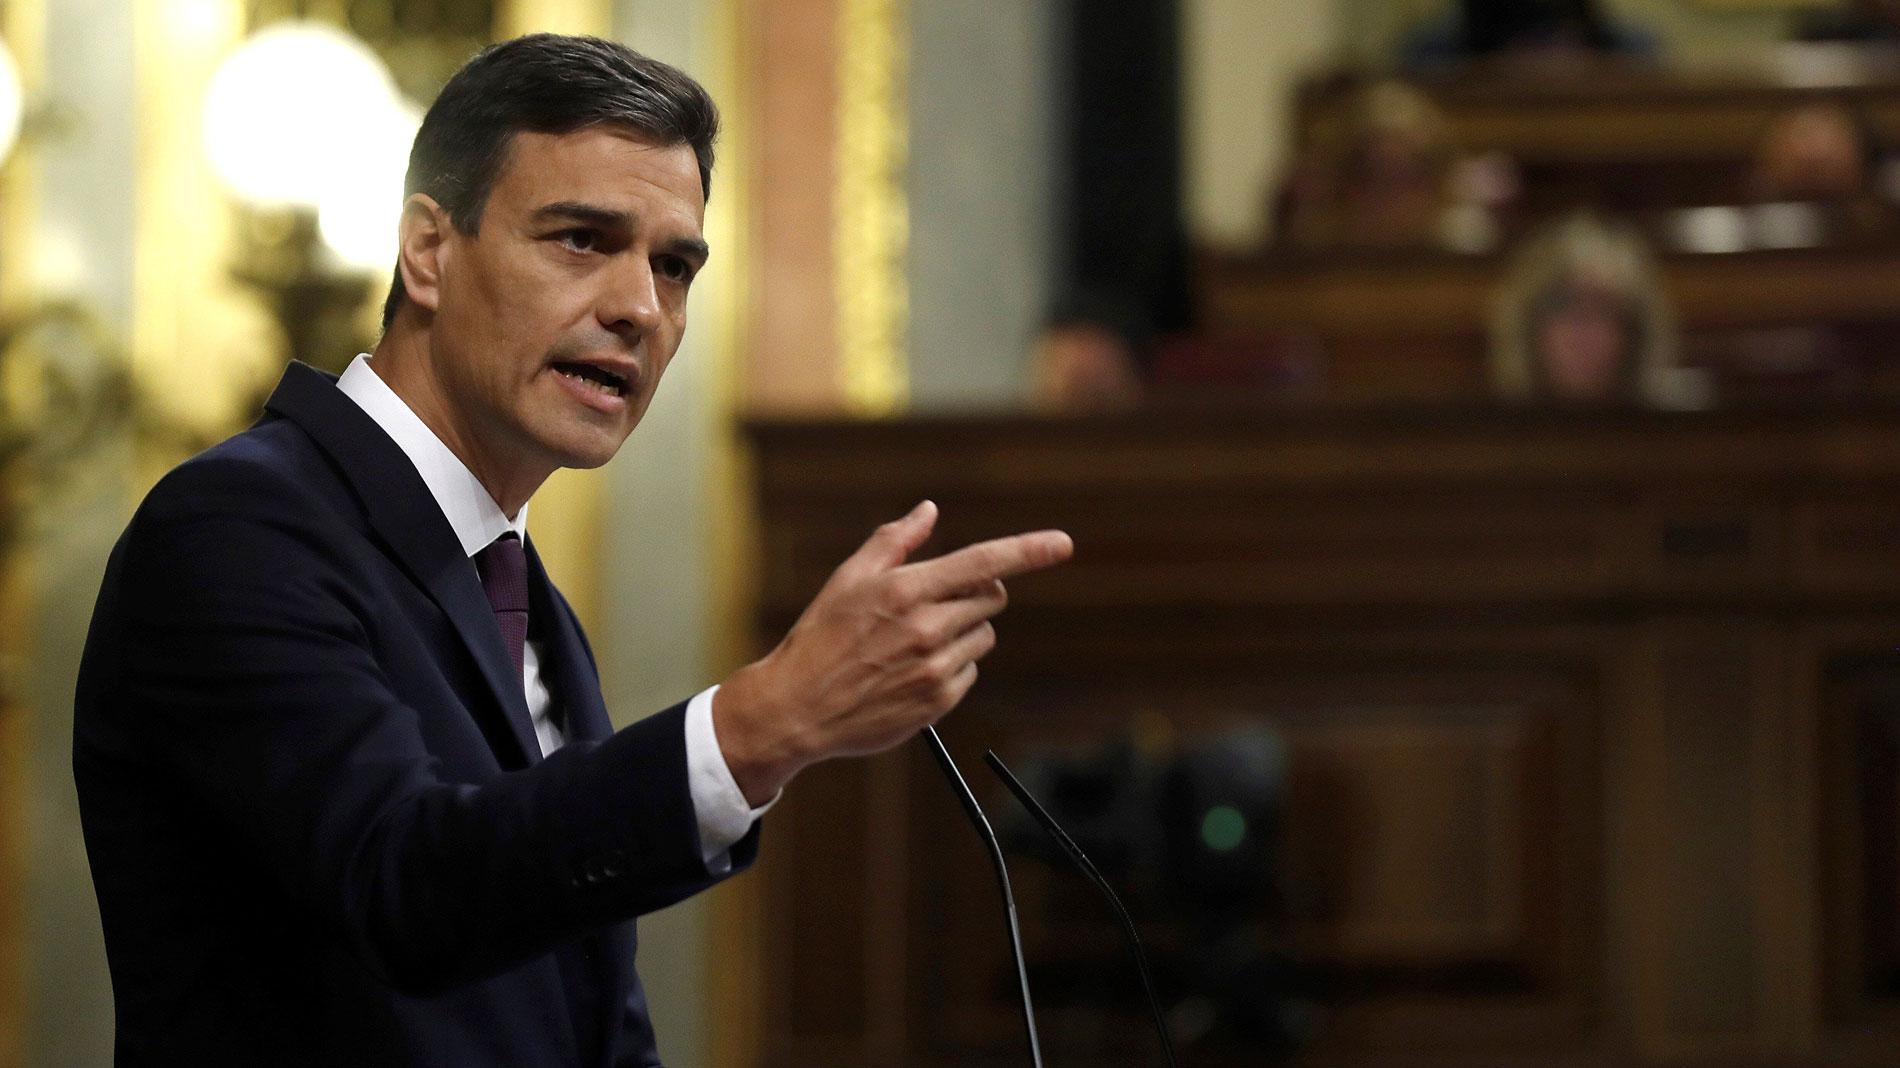 """Sánchez: """"Dialogar"""" con el independentismo """"no es ceder"""", no será """"ni fácil ni rápida"""""""